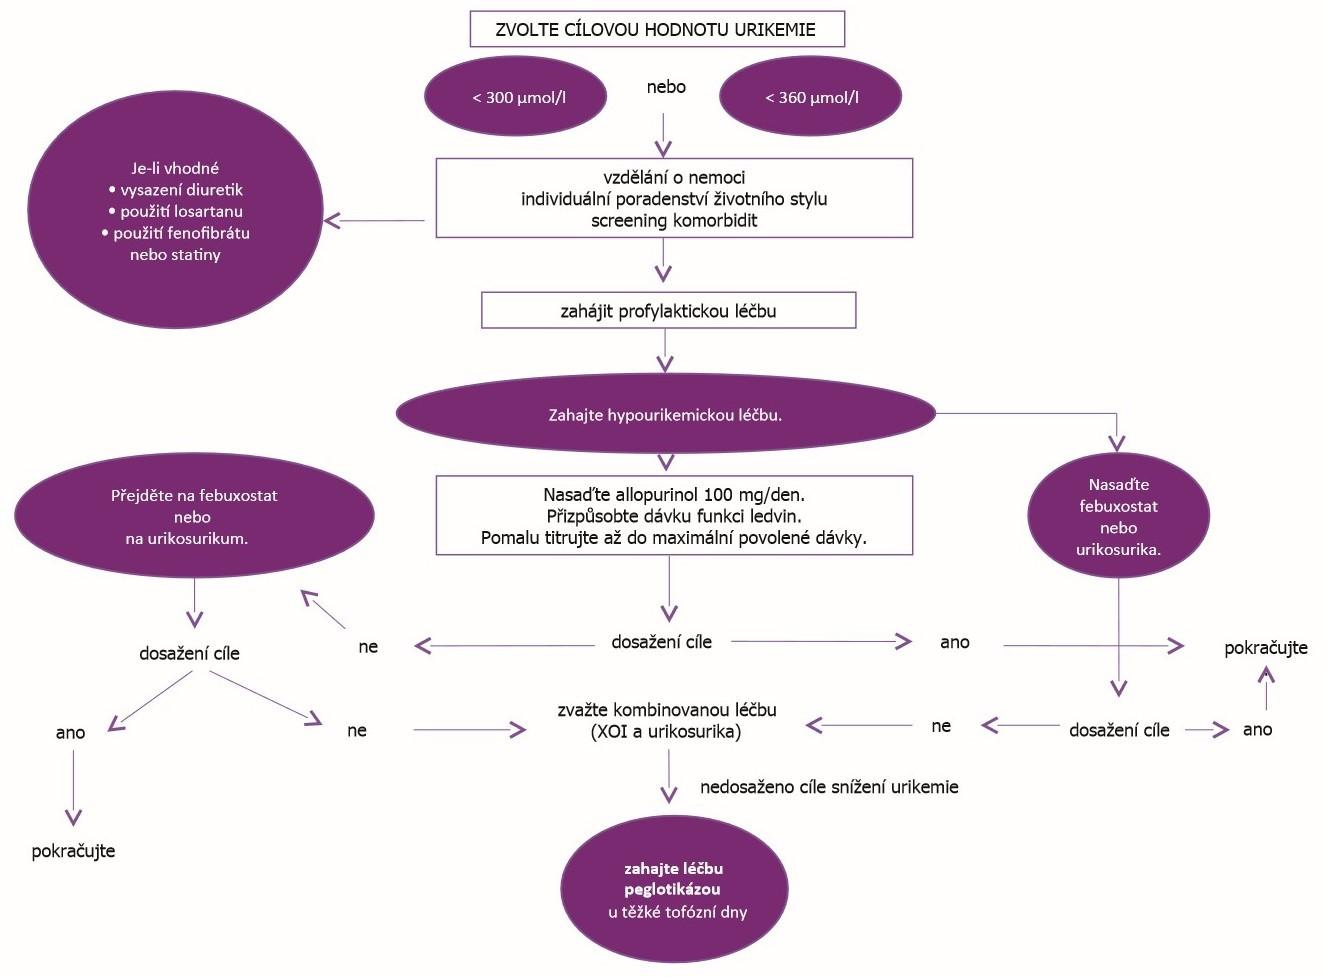 Strategie léčby hyperurikemie dle EULAR (dle Richette P, et al. Ann Rheum Dis 2017; 76: 29–42)